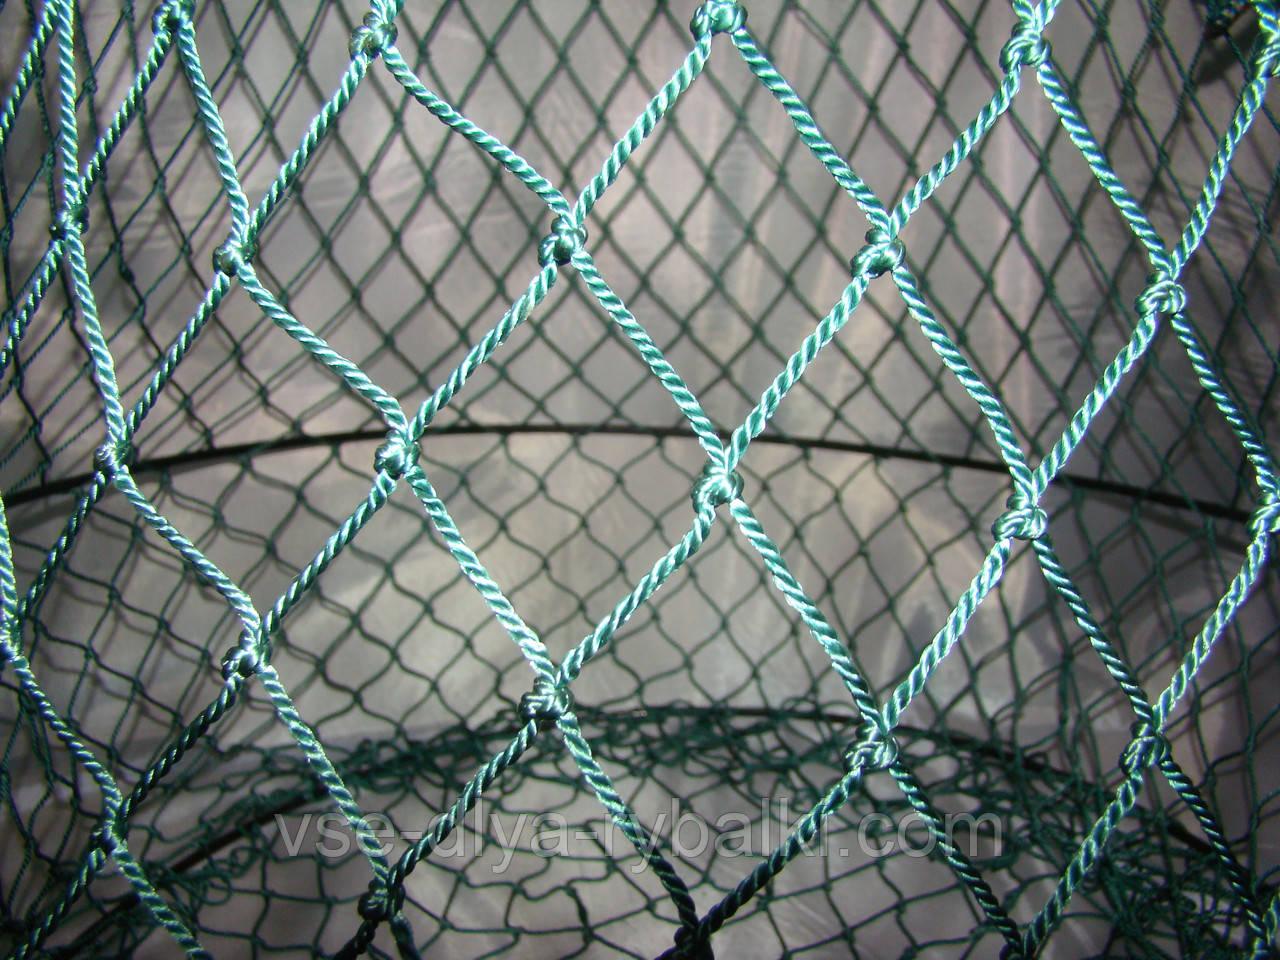 купить садок для рыбалки в кривом роге